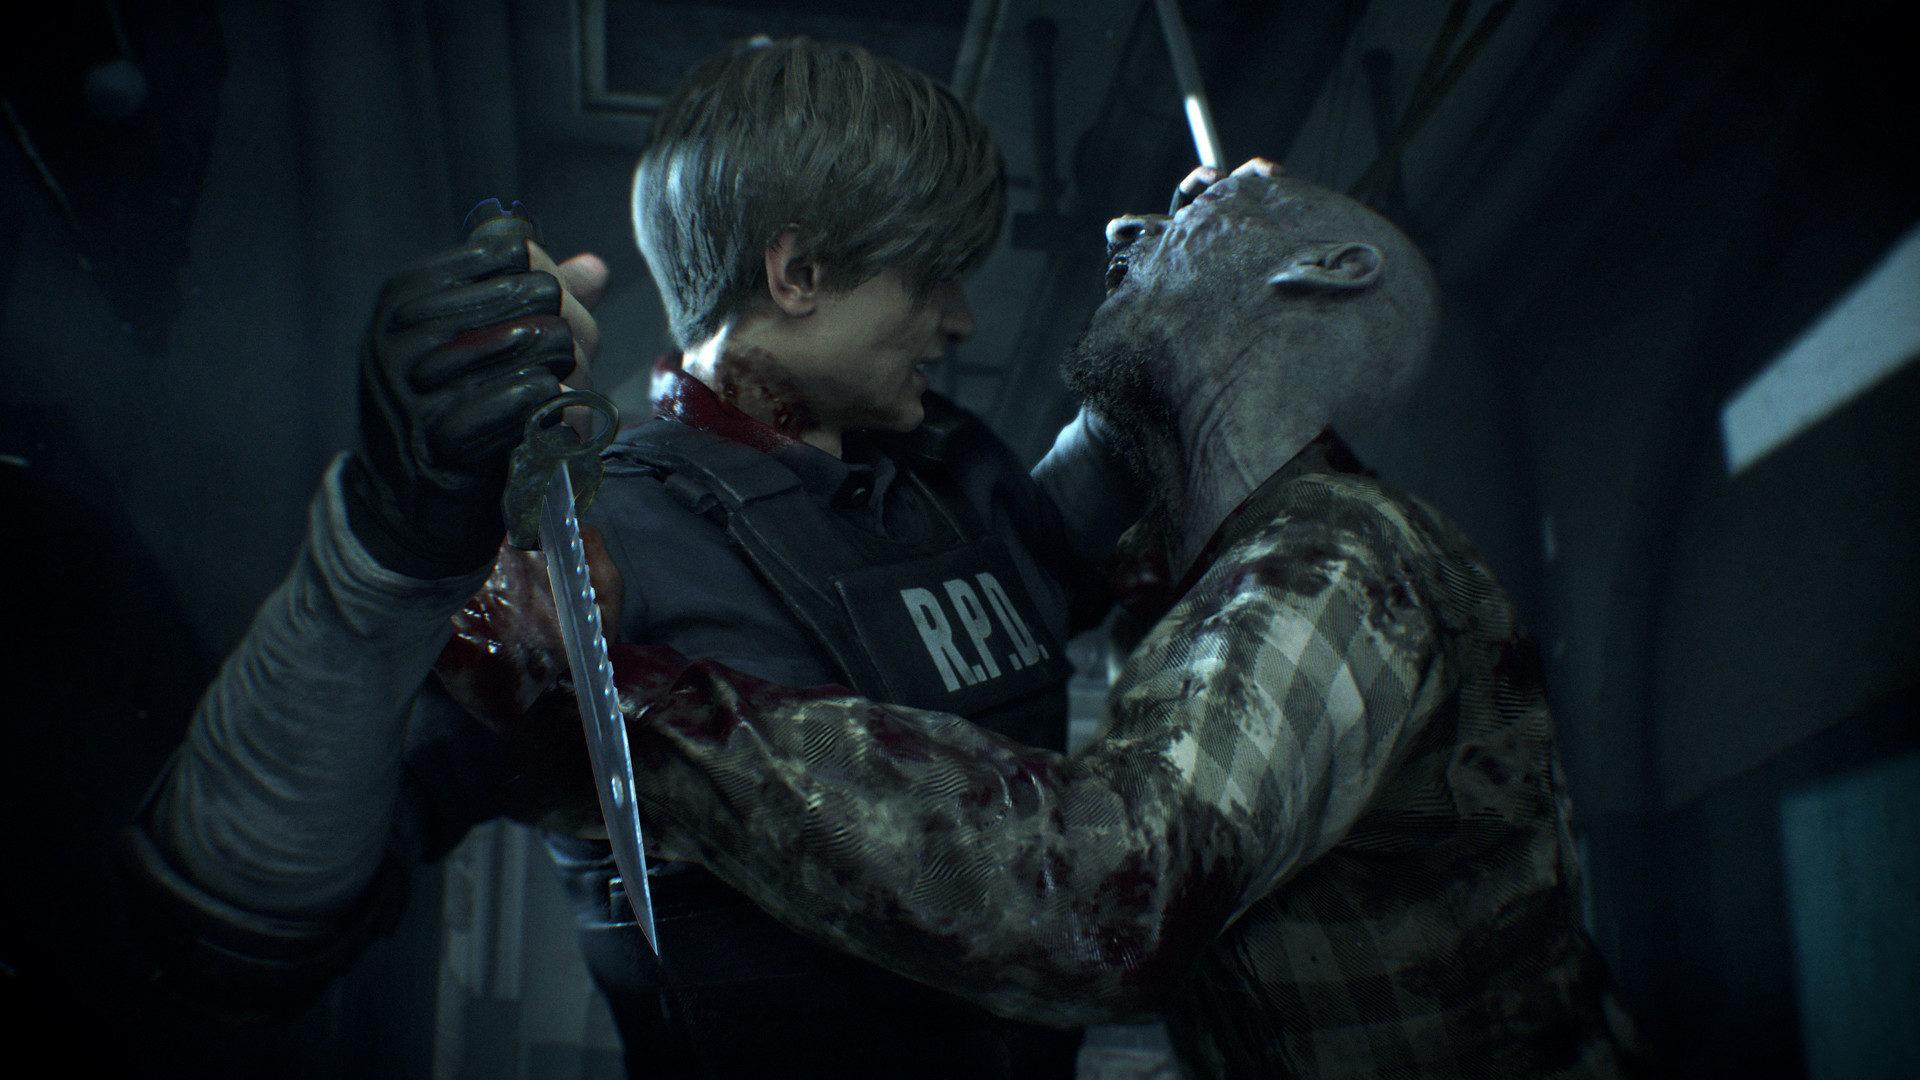 Resident Evil 2 Desktop Wallpapers 3 Computer Background Images